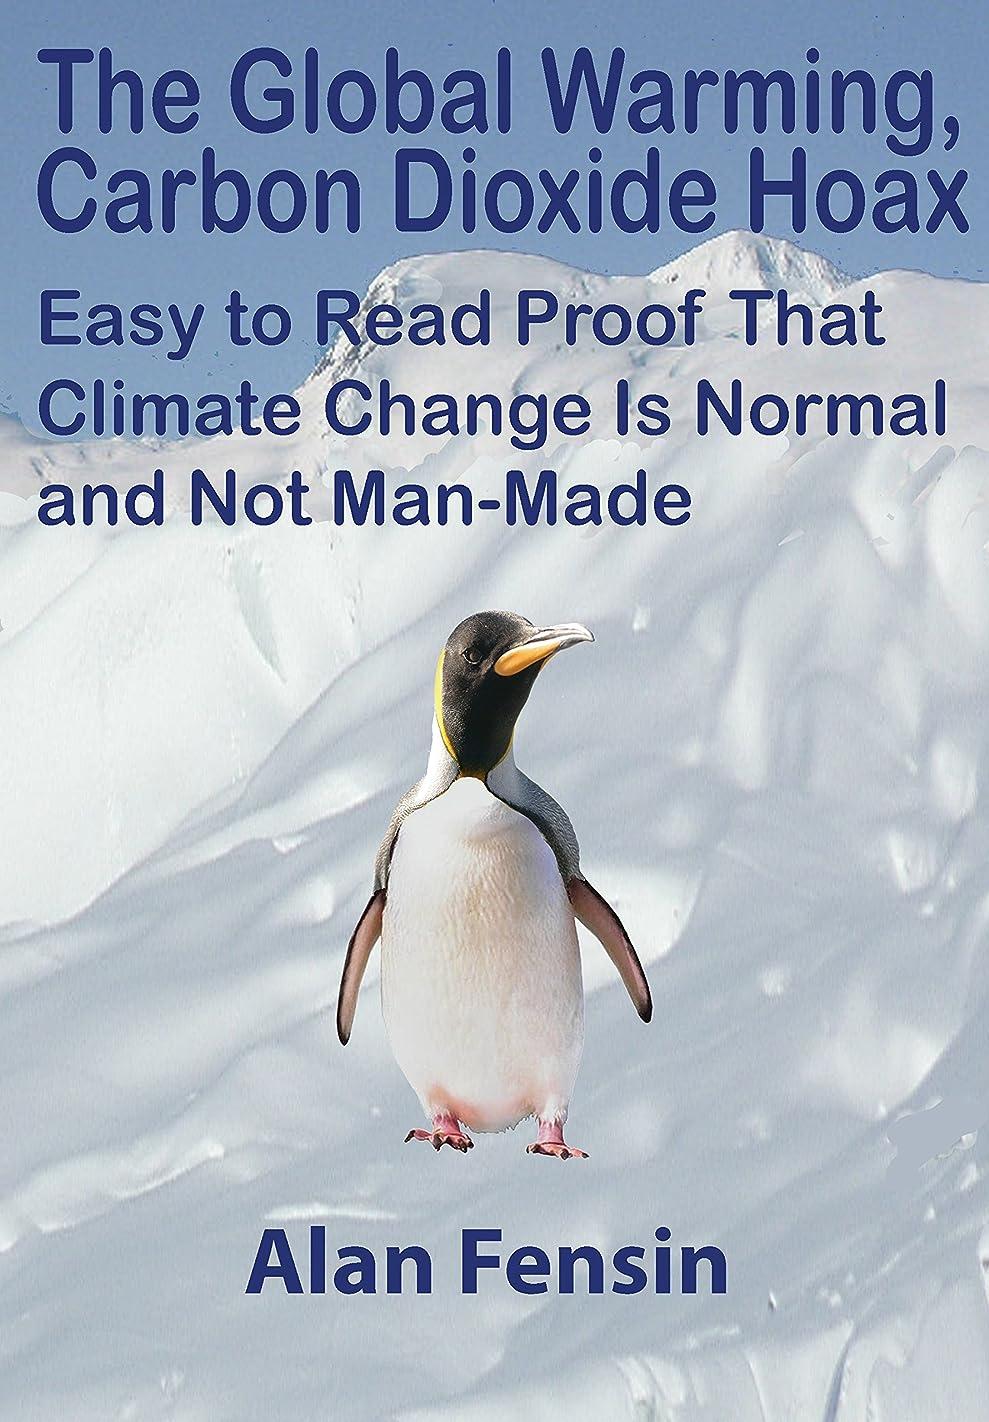 放課後蒸留する進むThe Global Warming, Carbon Dioxide Hoax: Easy to Read Proof That Climate Change Is Normal and Not Man-Made (English Edition)